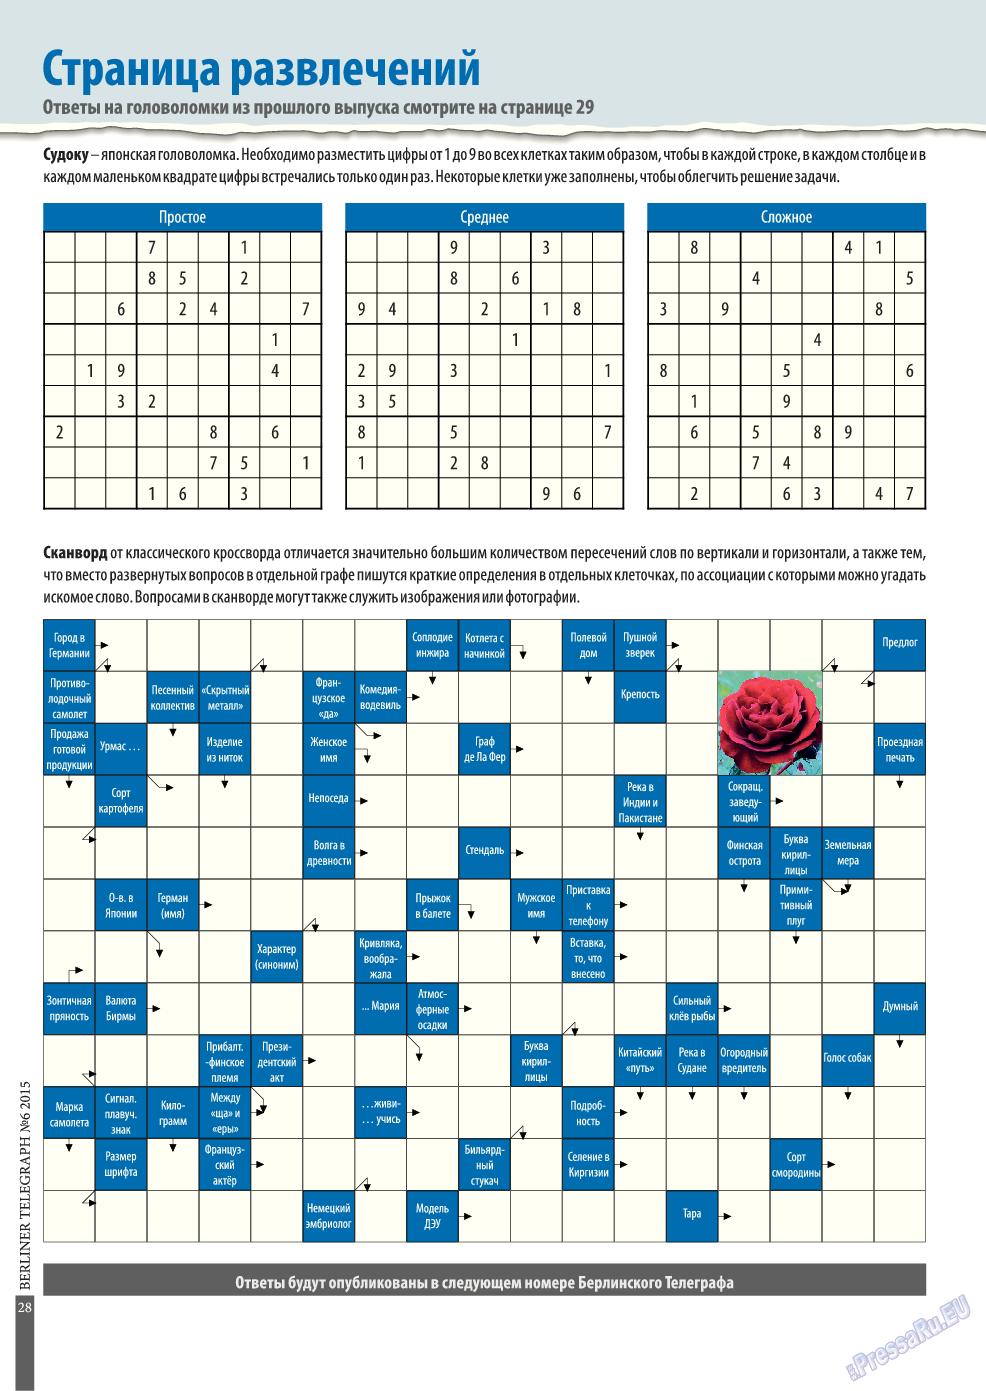 Берлинский телеграф (журнал). 2015 год, номер 6, стр. 28